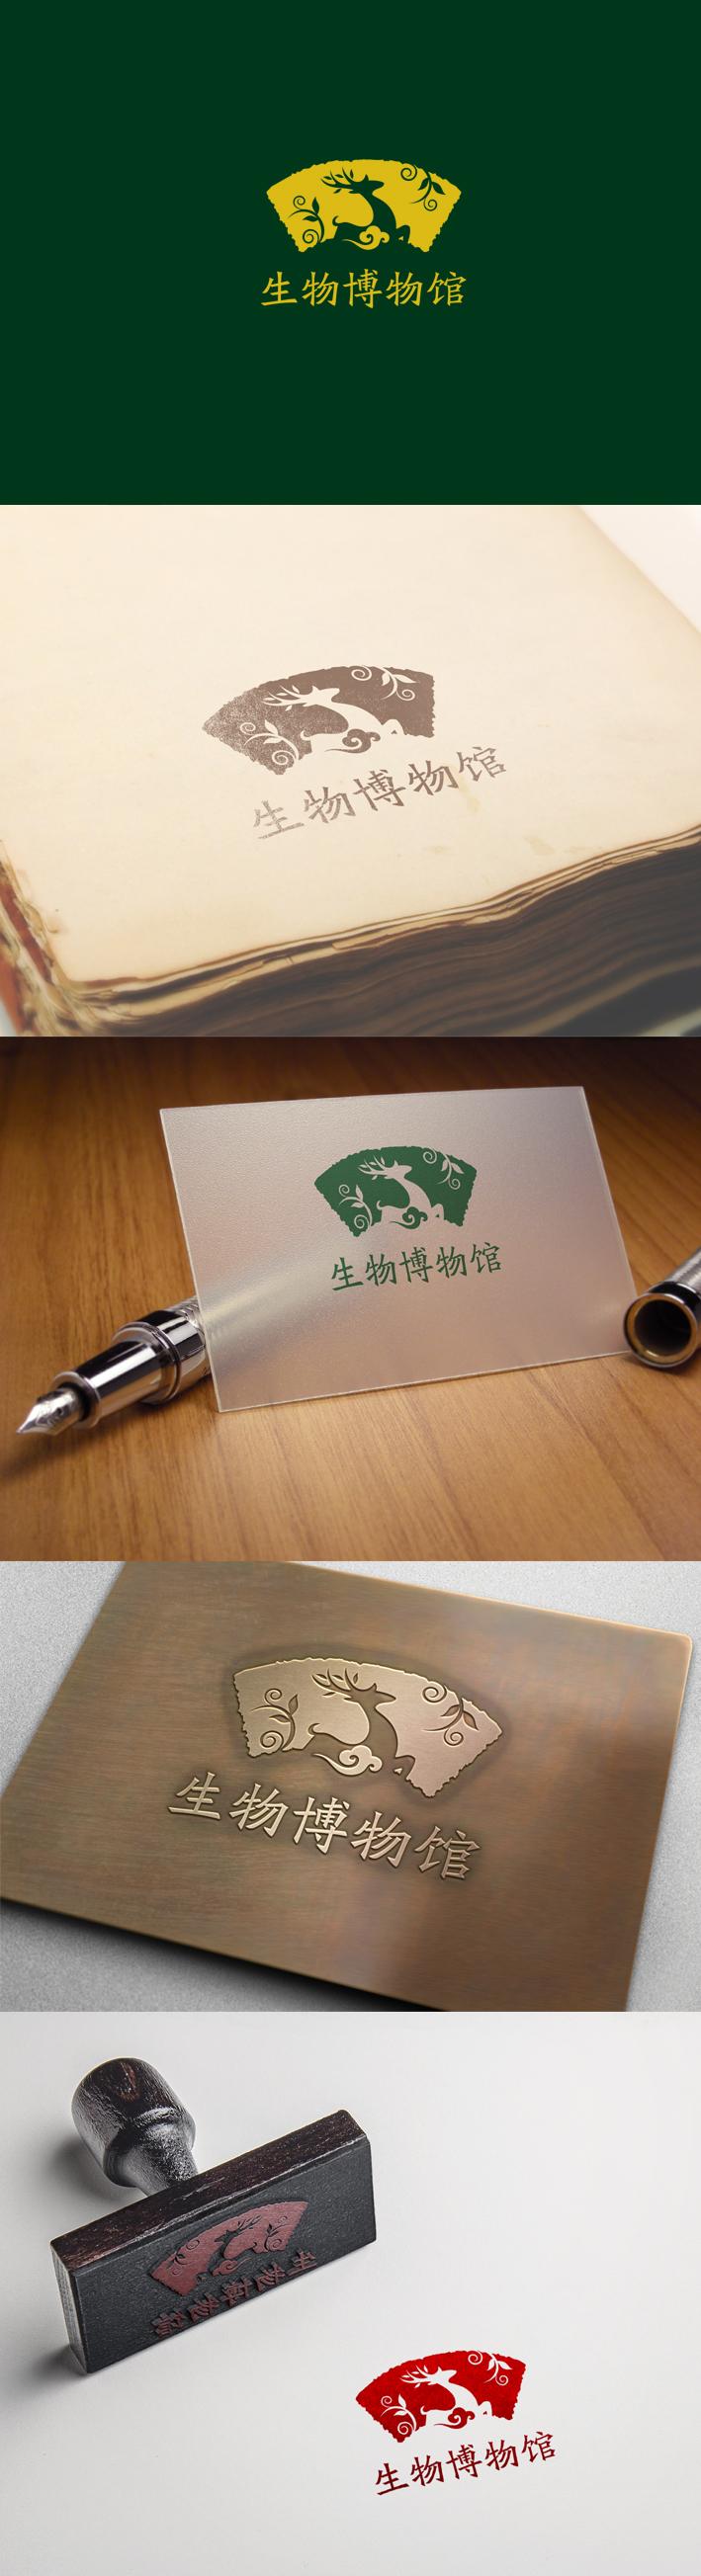 某生物博物馆logo设计_3020807_k68威客网